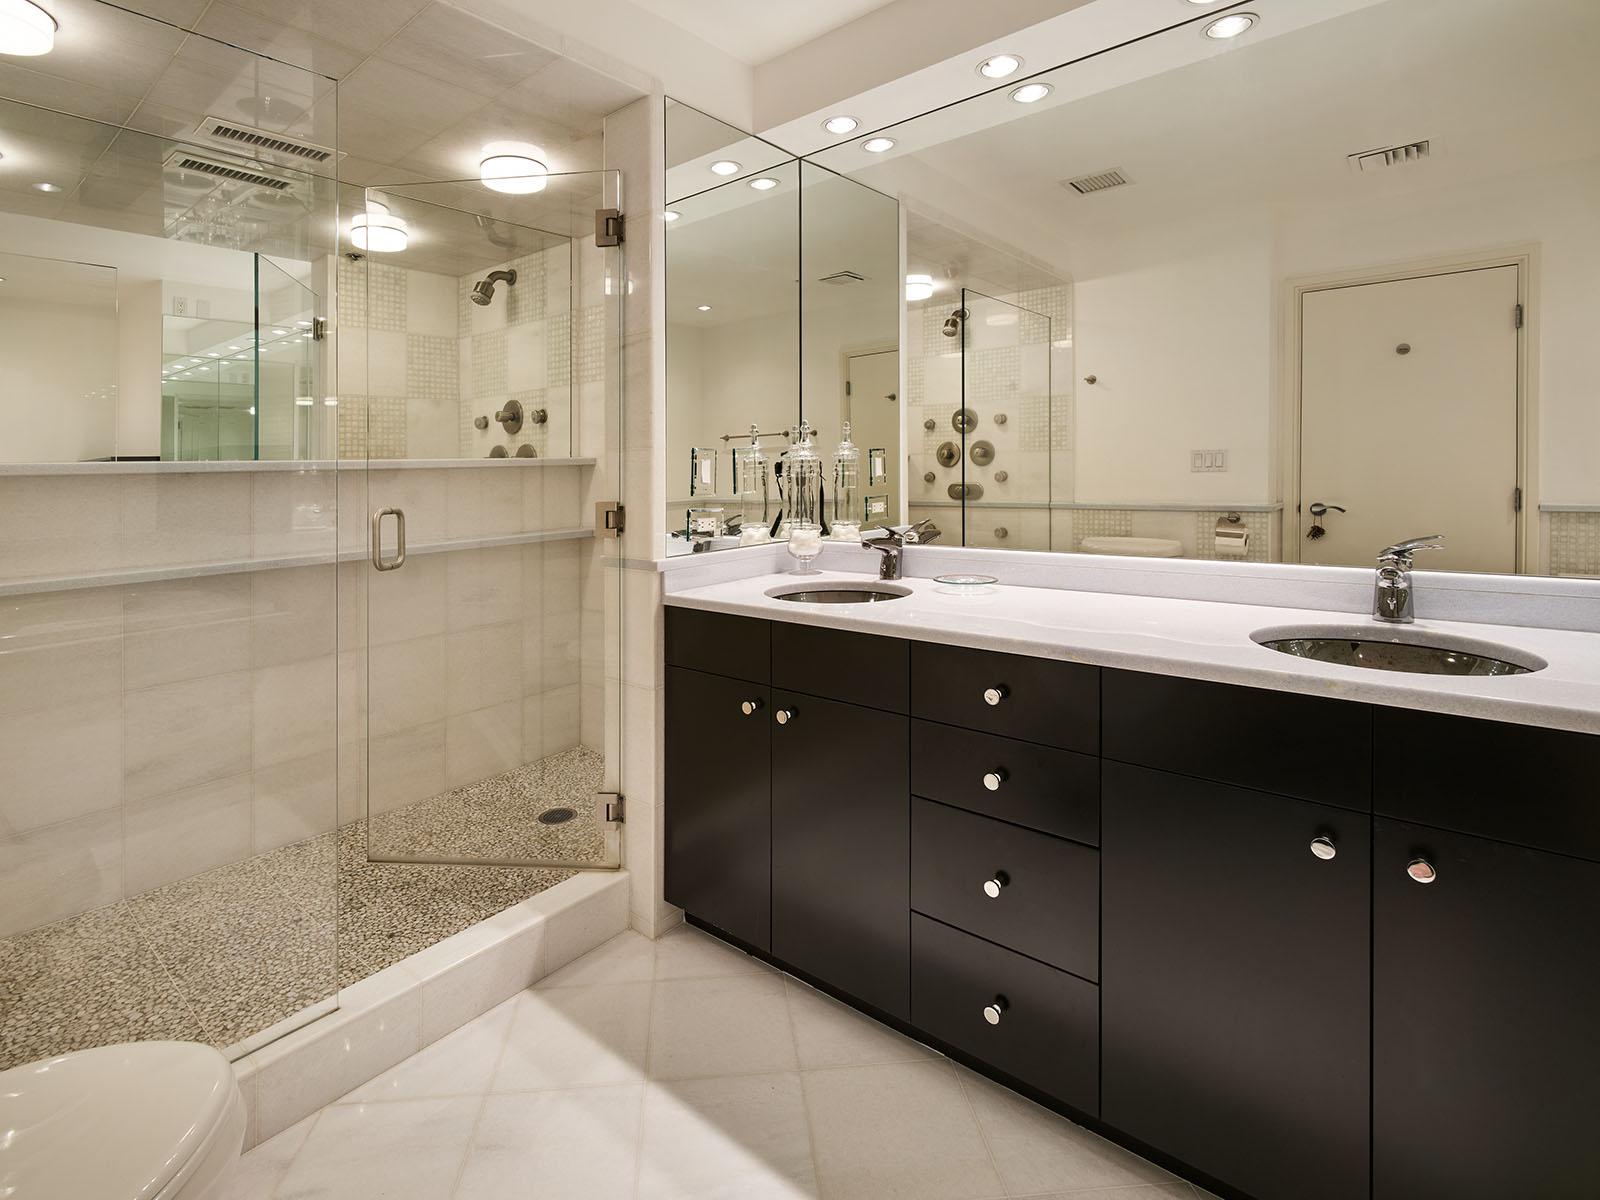 Bedroom suite 2 bathroom